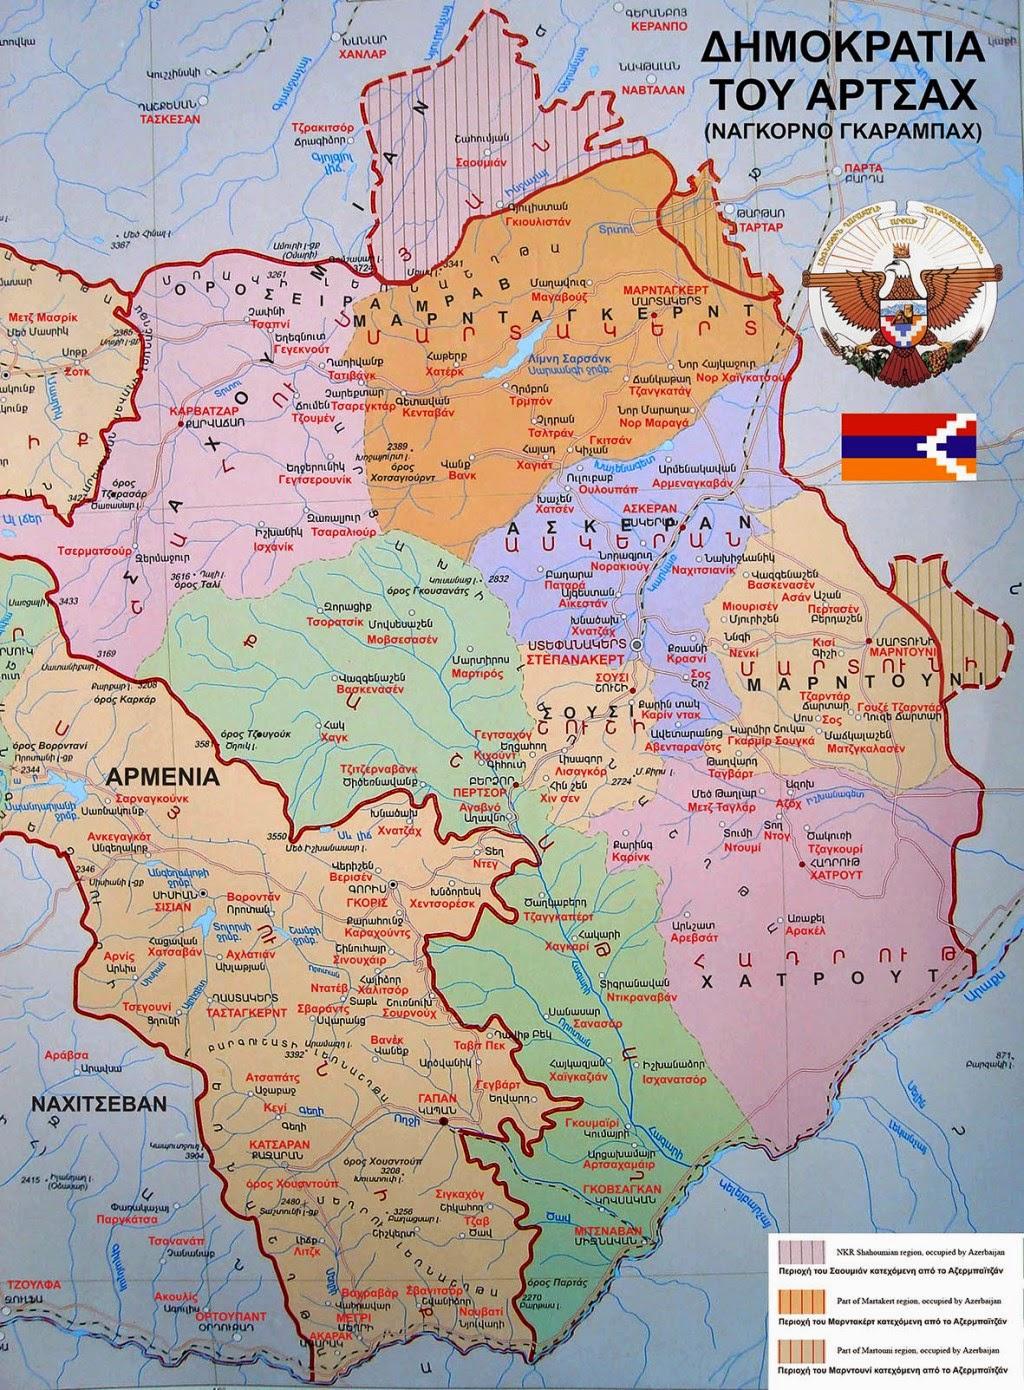 Δημοκρατία του Αρτσάχ